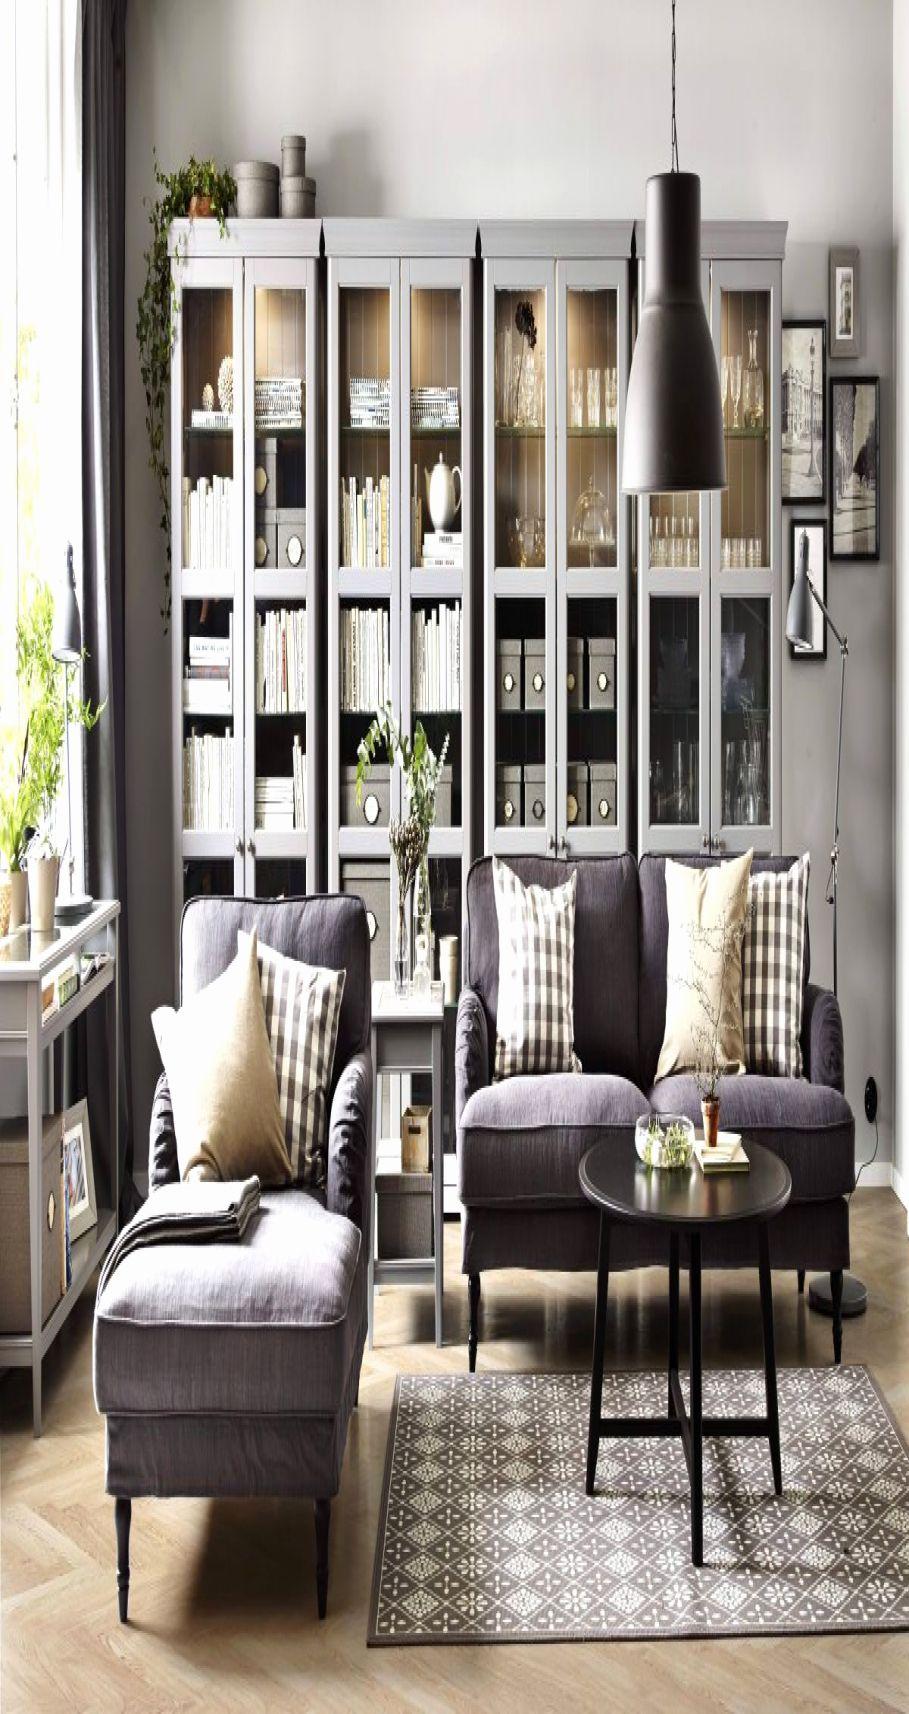 Ikea Wohnzimmer Planer Beispiele Fur Bilder Deko Ideen Beispiele